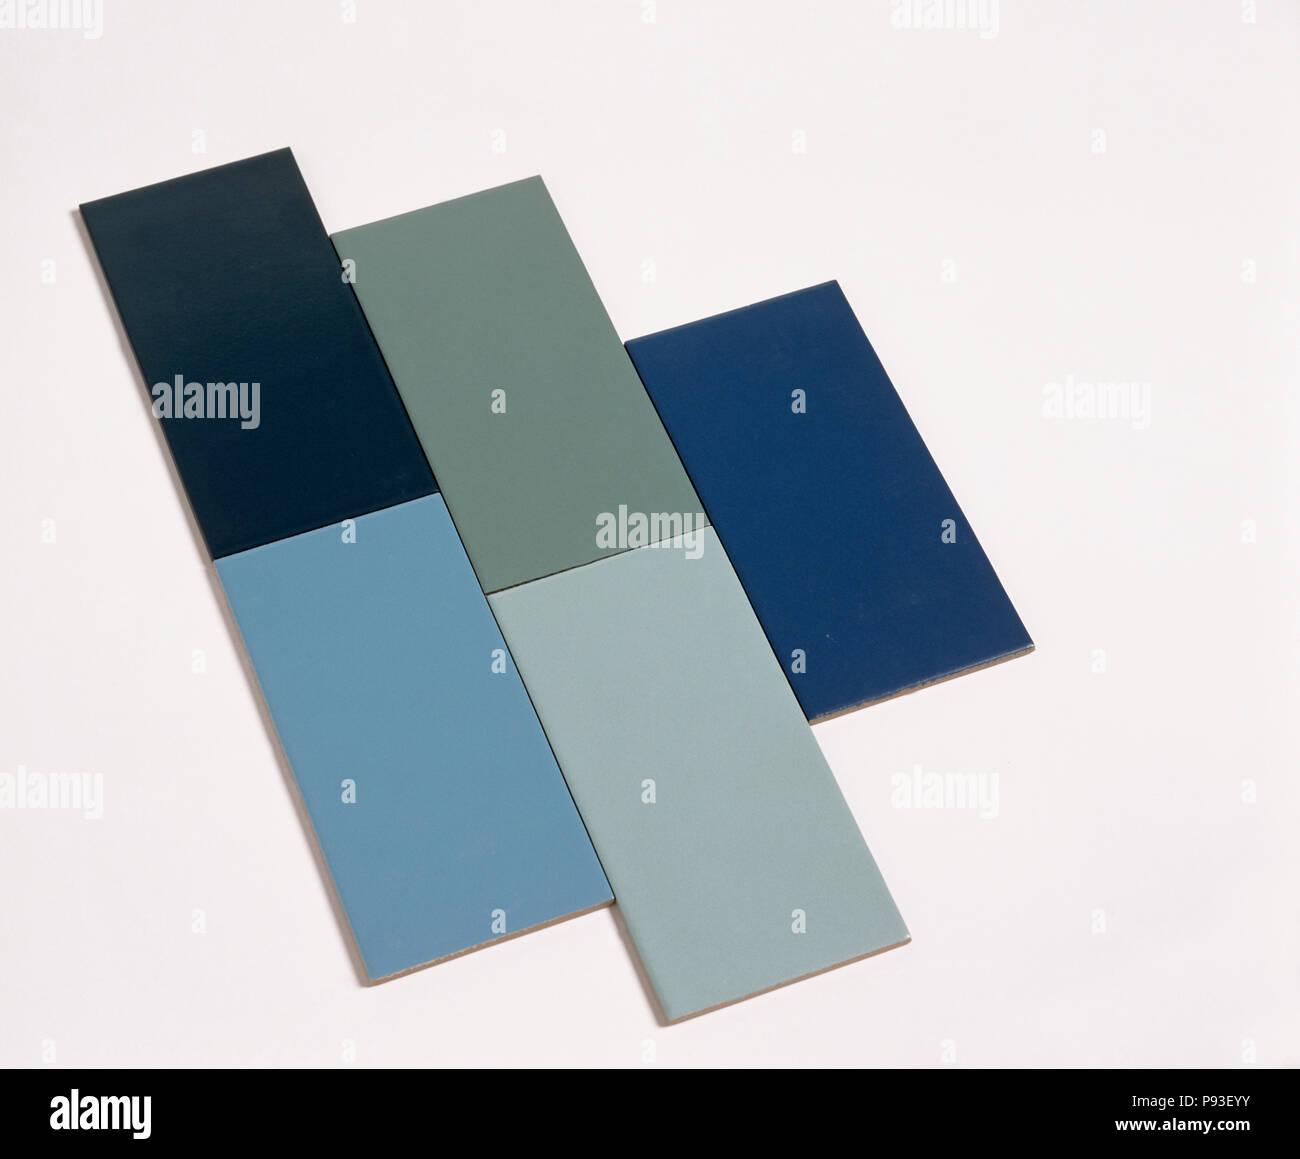 Close Up Of Dark Blue And Green Rectangular Ceramic Tiles Stock